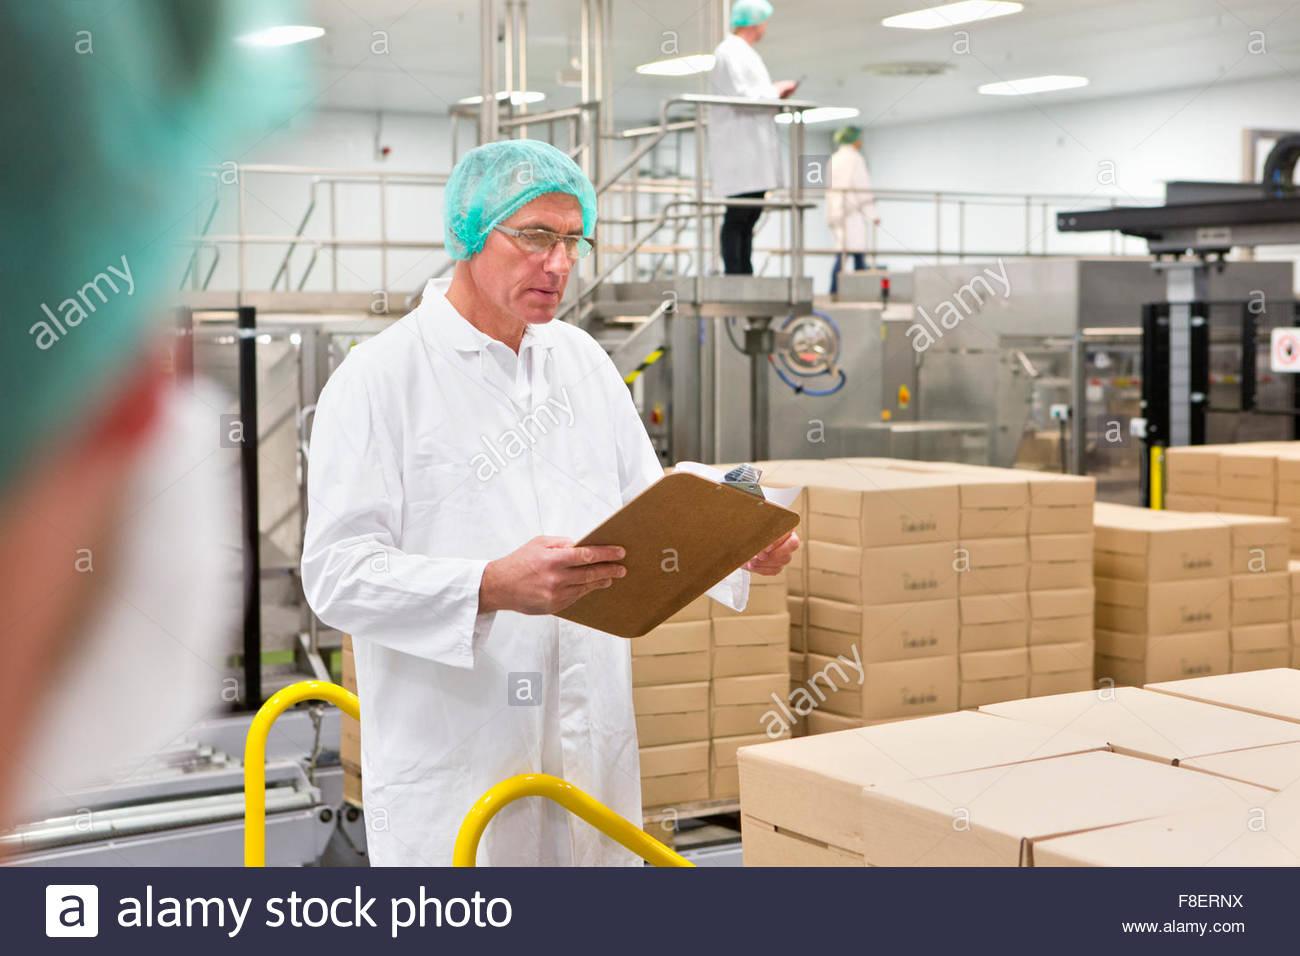 Arbeiter mit Zwischenablage an Lebensmittel Verpackung Produktionslinie Stockbild